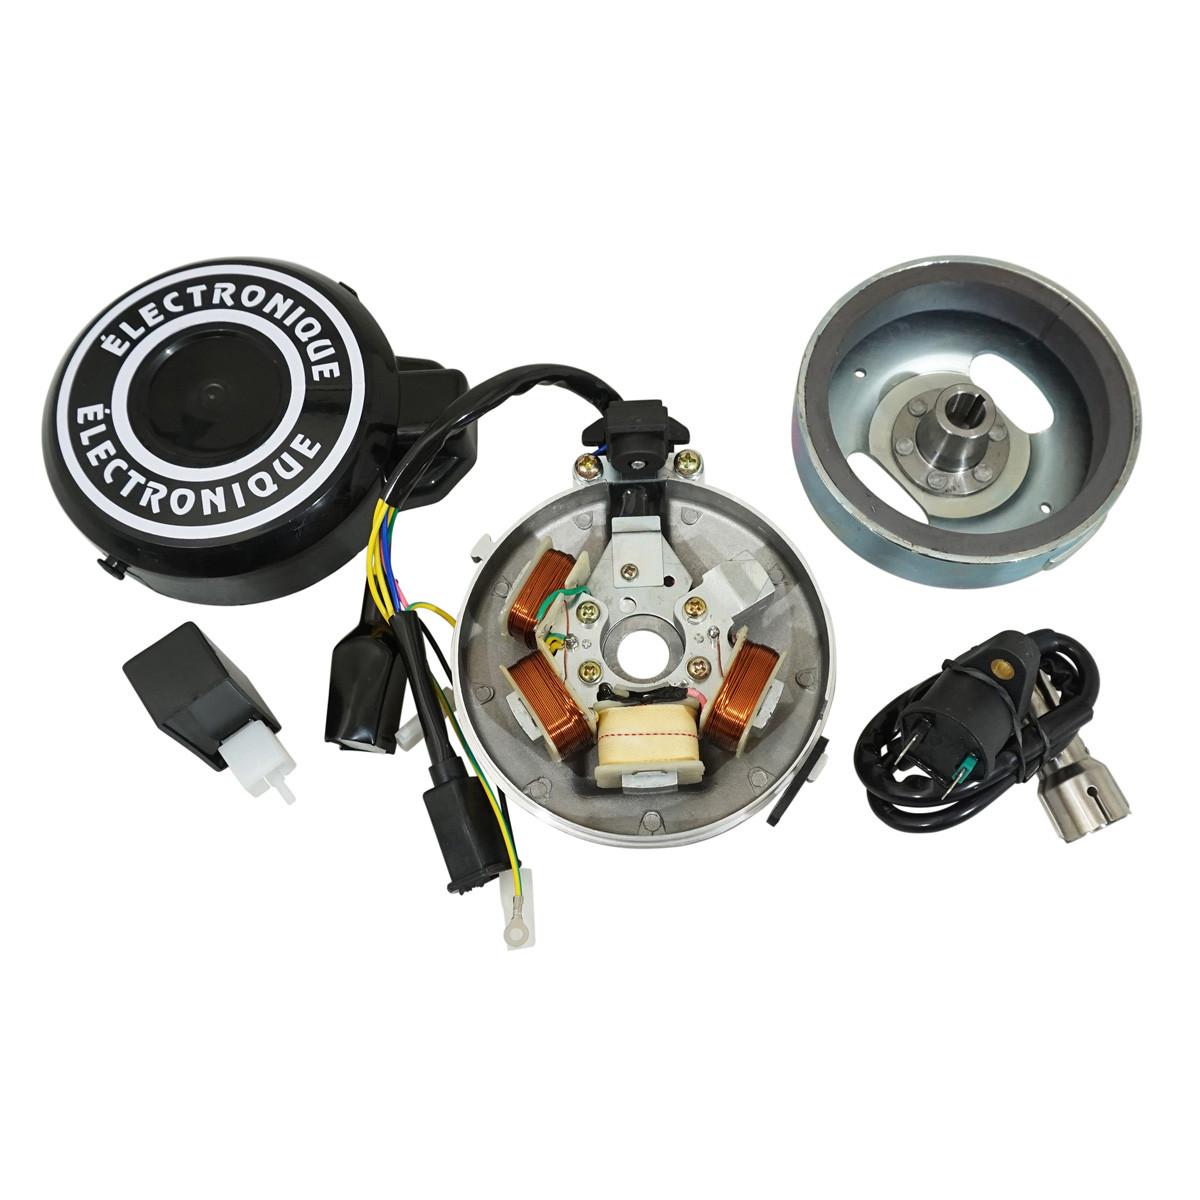 Allumage PEUGEOT 103 12V - Electronique Gros Cône pour Origine à rupteur